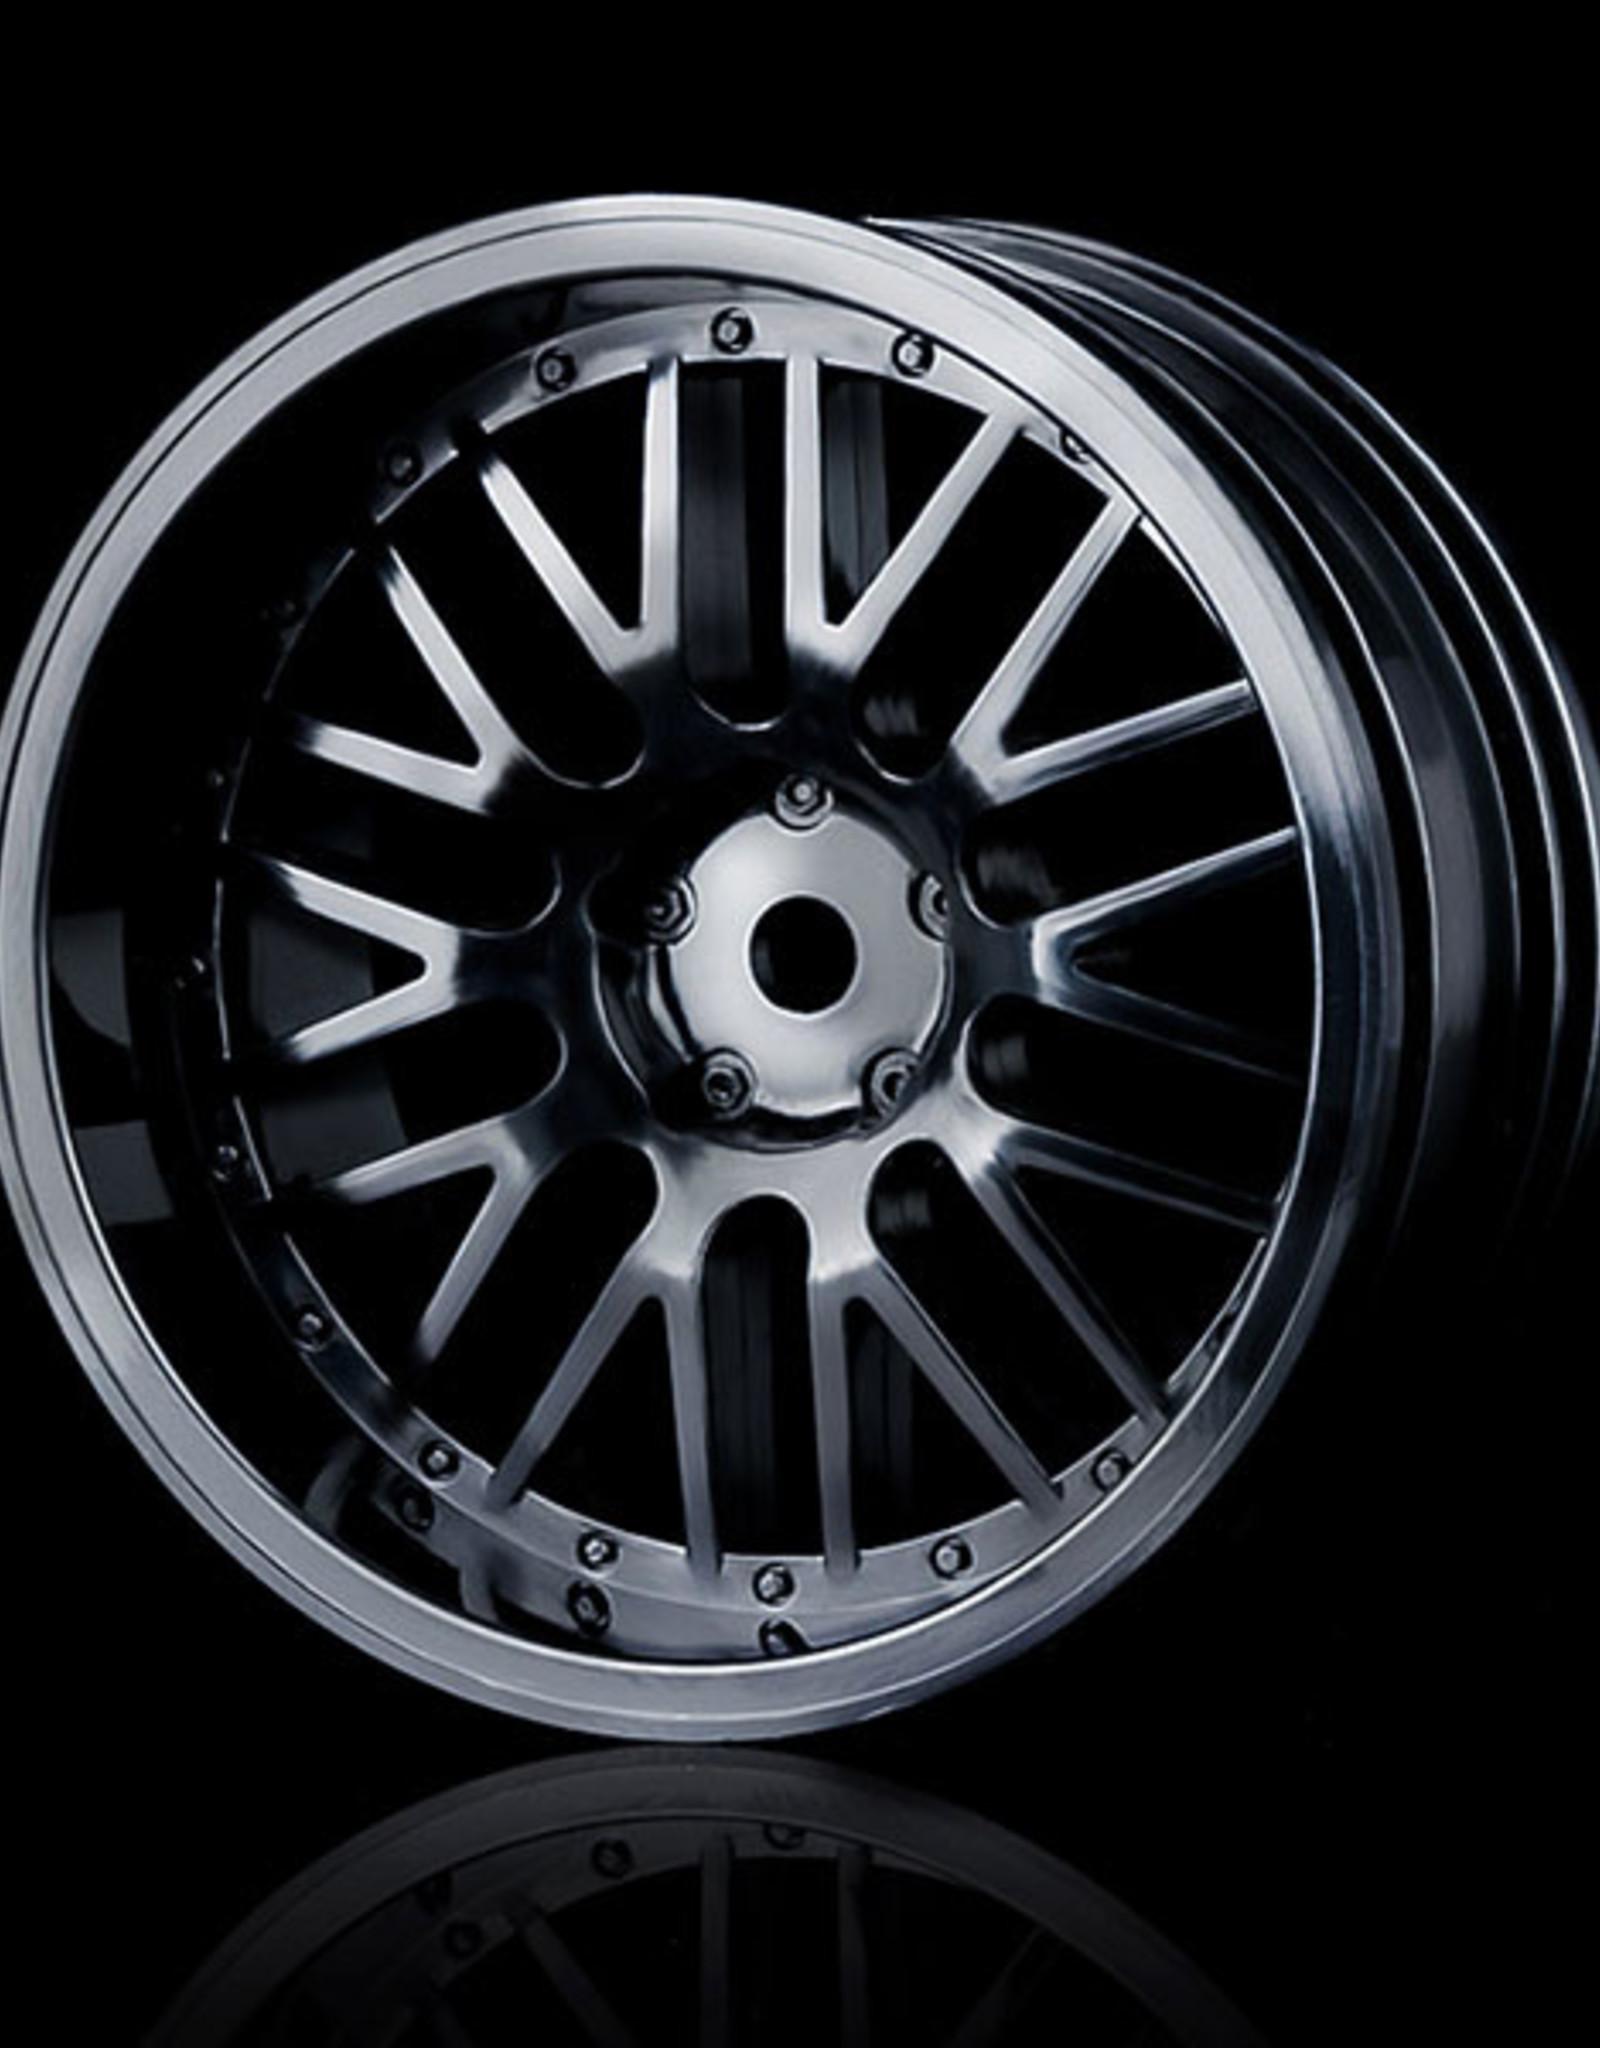 MST 10 Spoke Wheel (4pcs) by MST Black 8mm